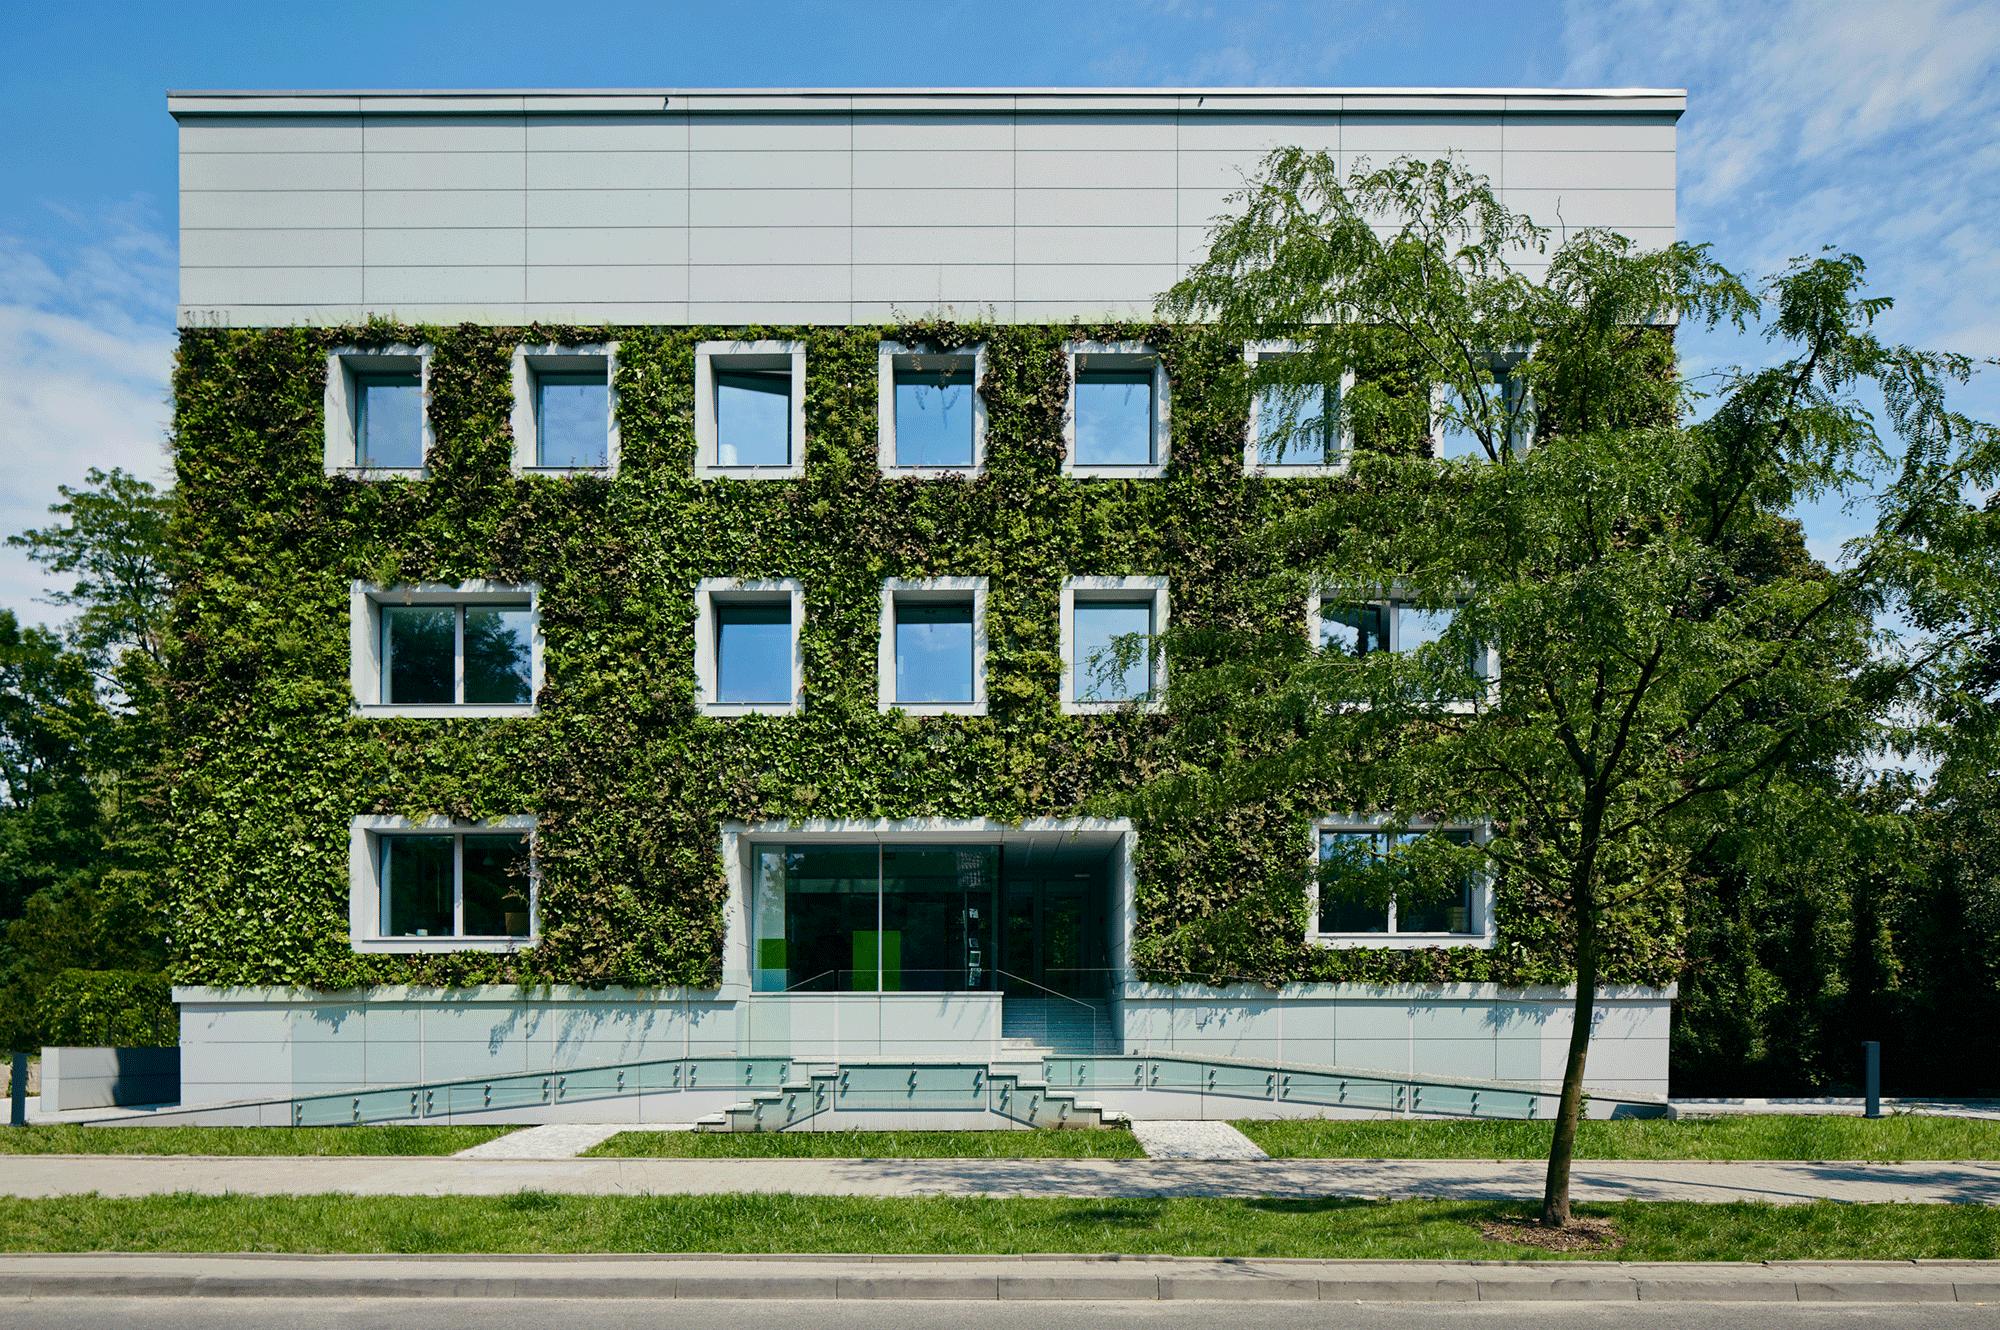 fnp, przebudowa istniejącego budynku mieszkalnego nafunkcję biurową | krasickiego, warszawa